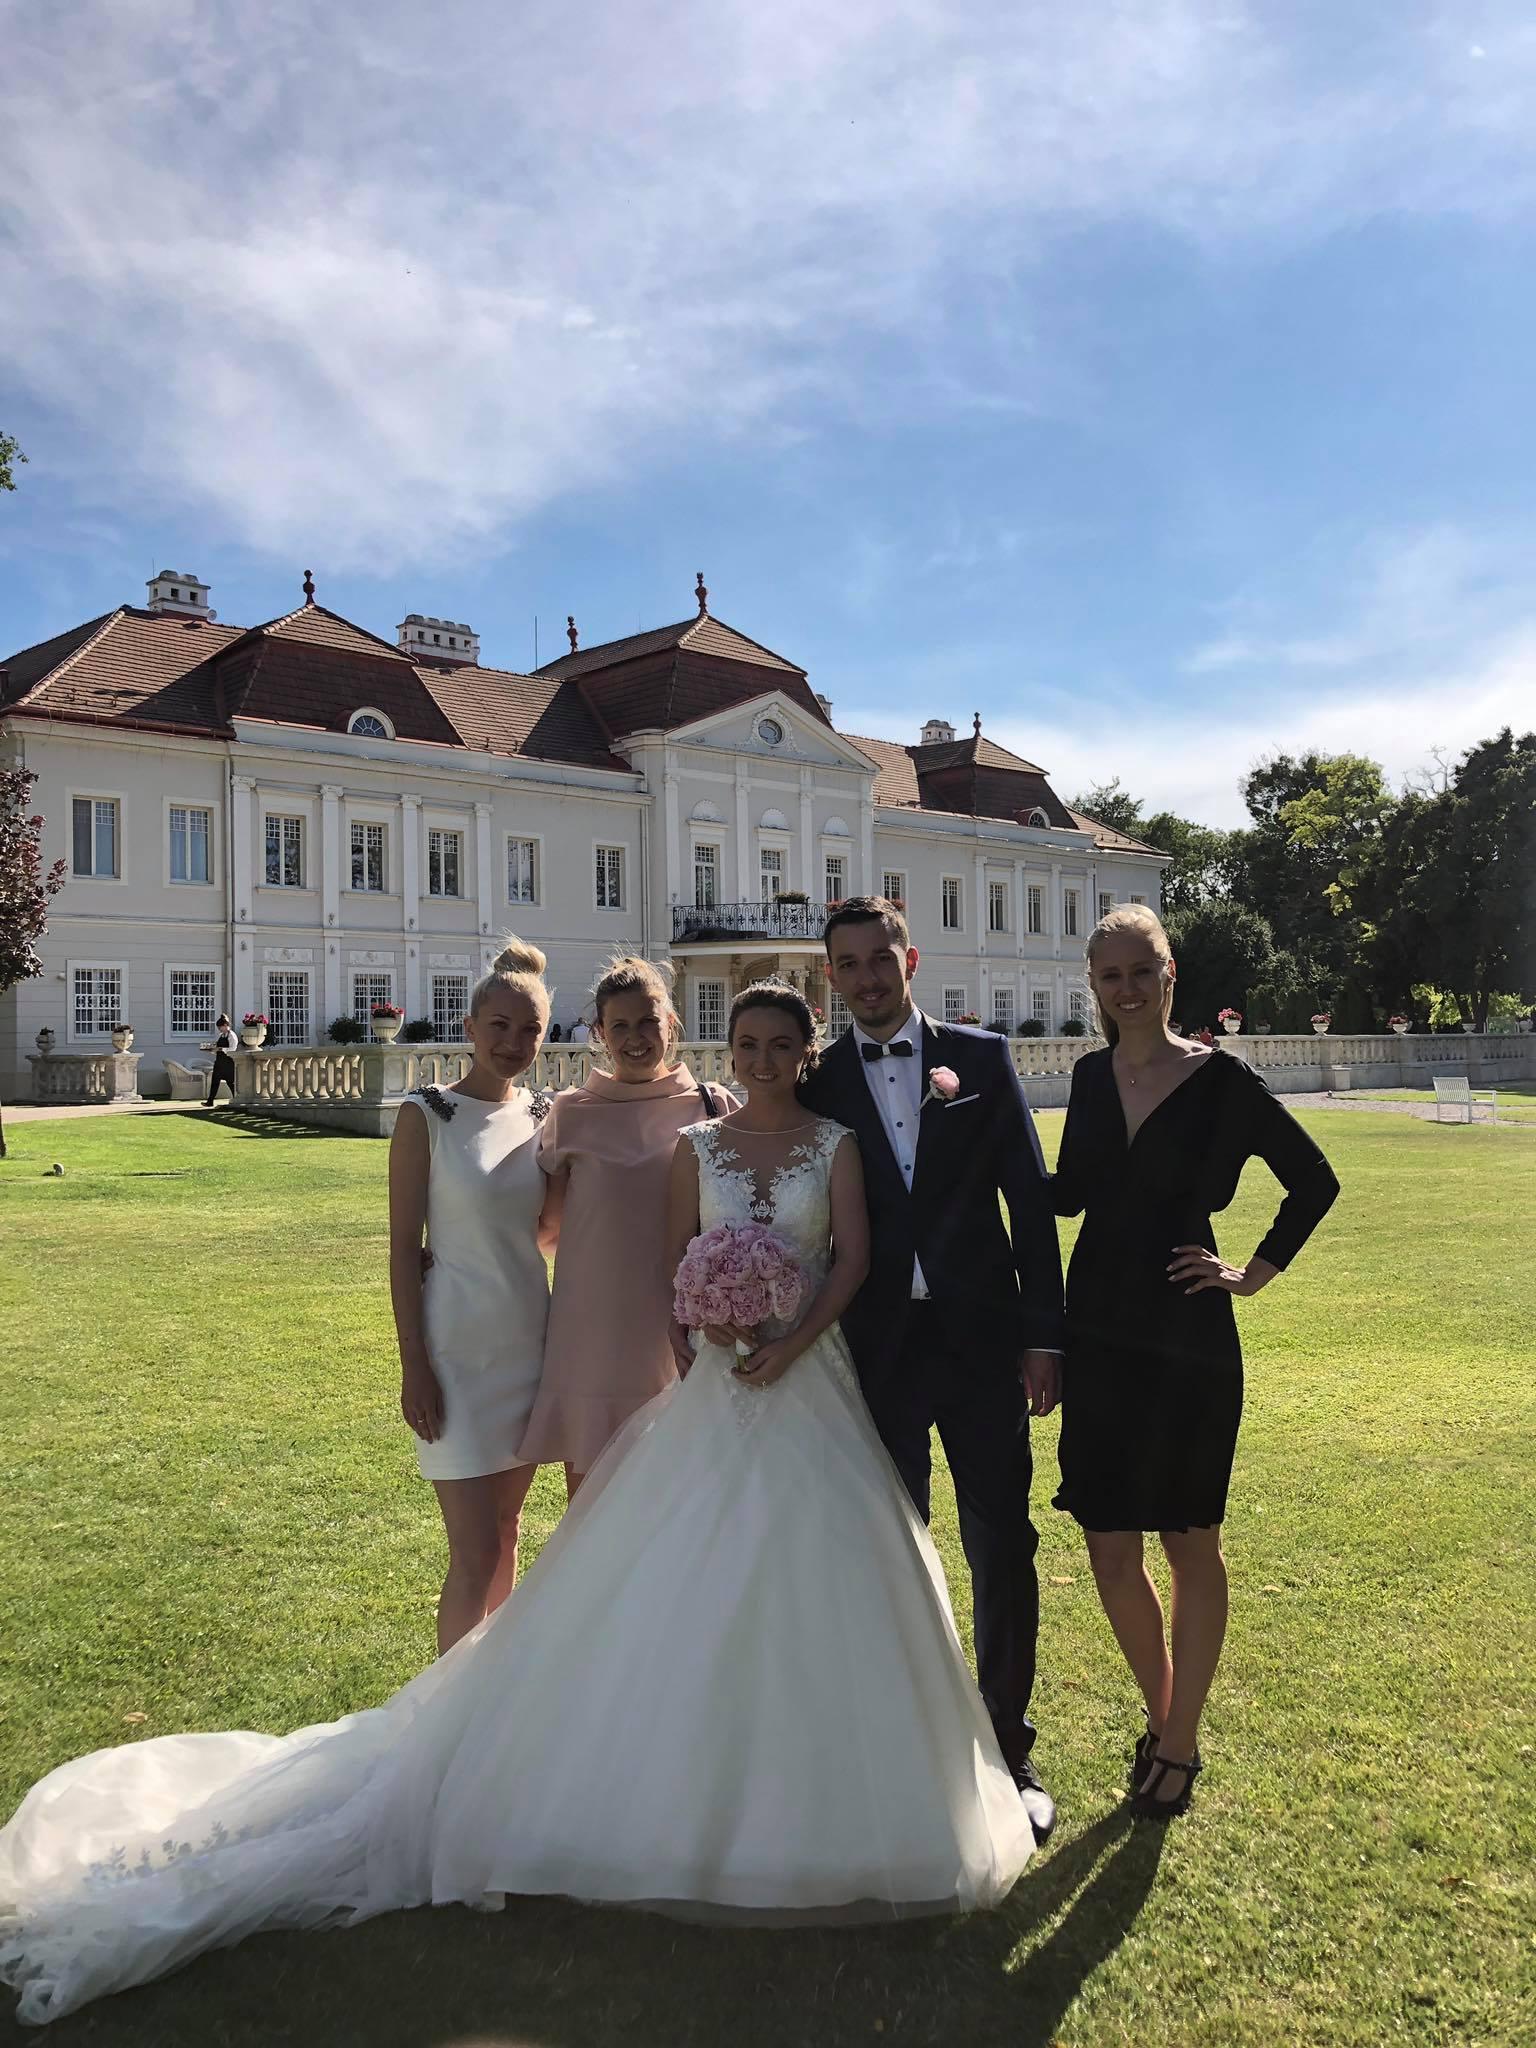 svadba-art-hotel-kastiel-weddingjpg